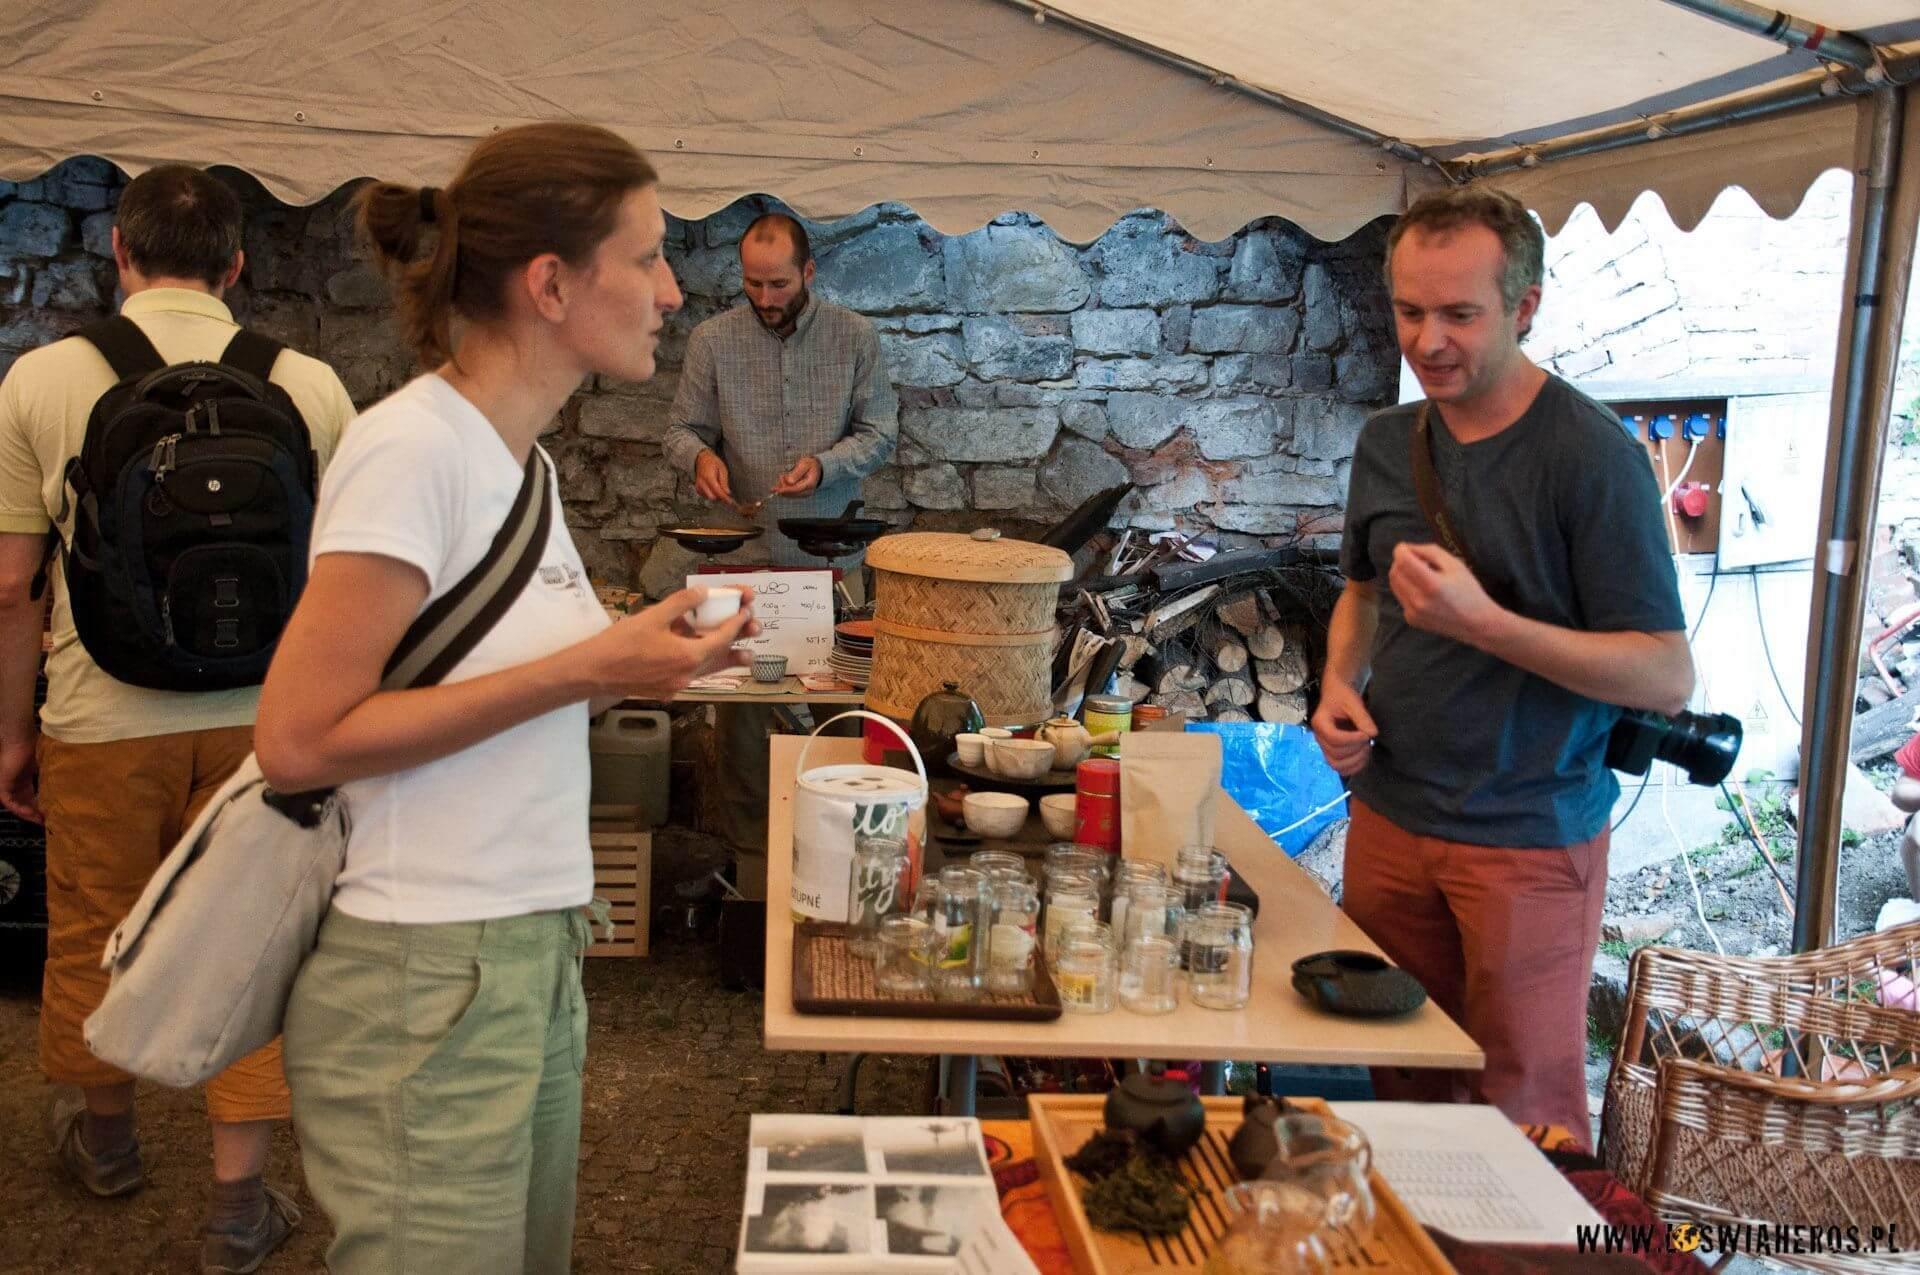 Alicja degustuje herbatę przygotowaną przezPiotra [f/3.5, 22mm]